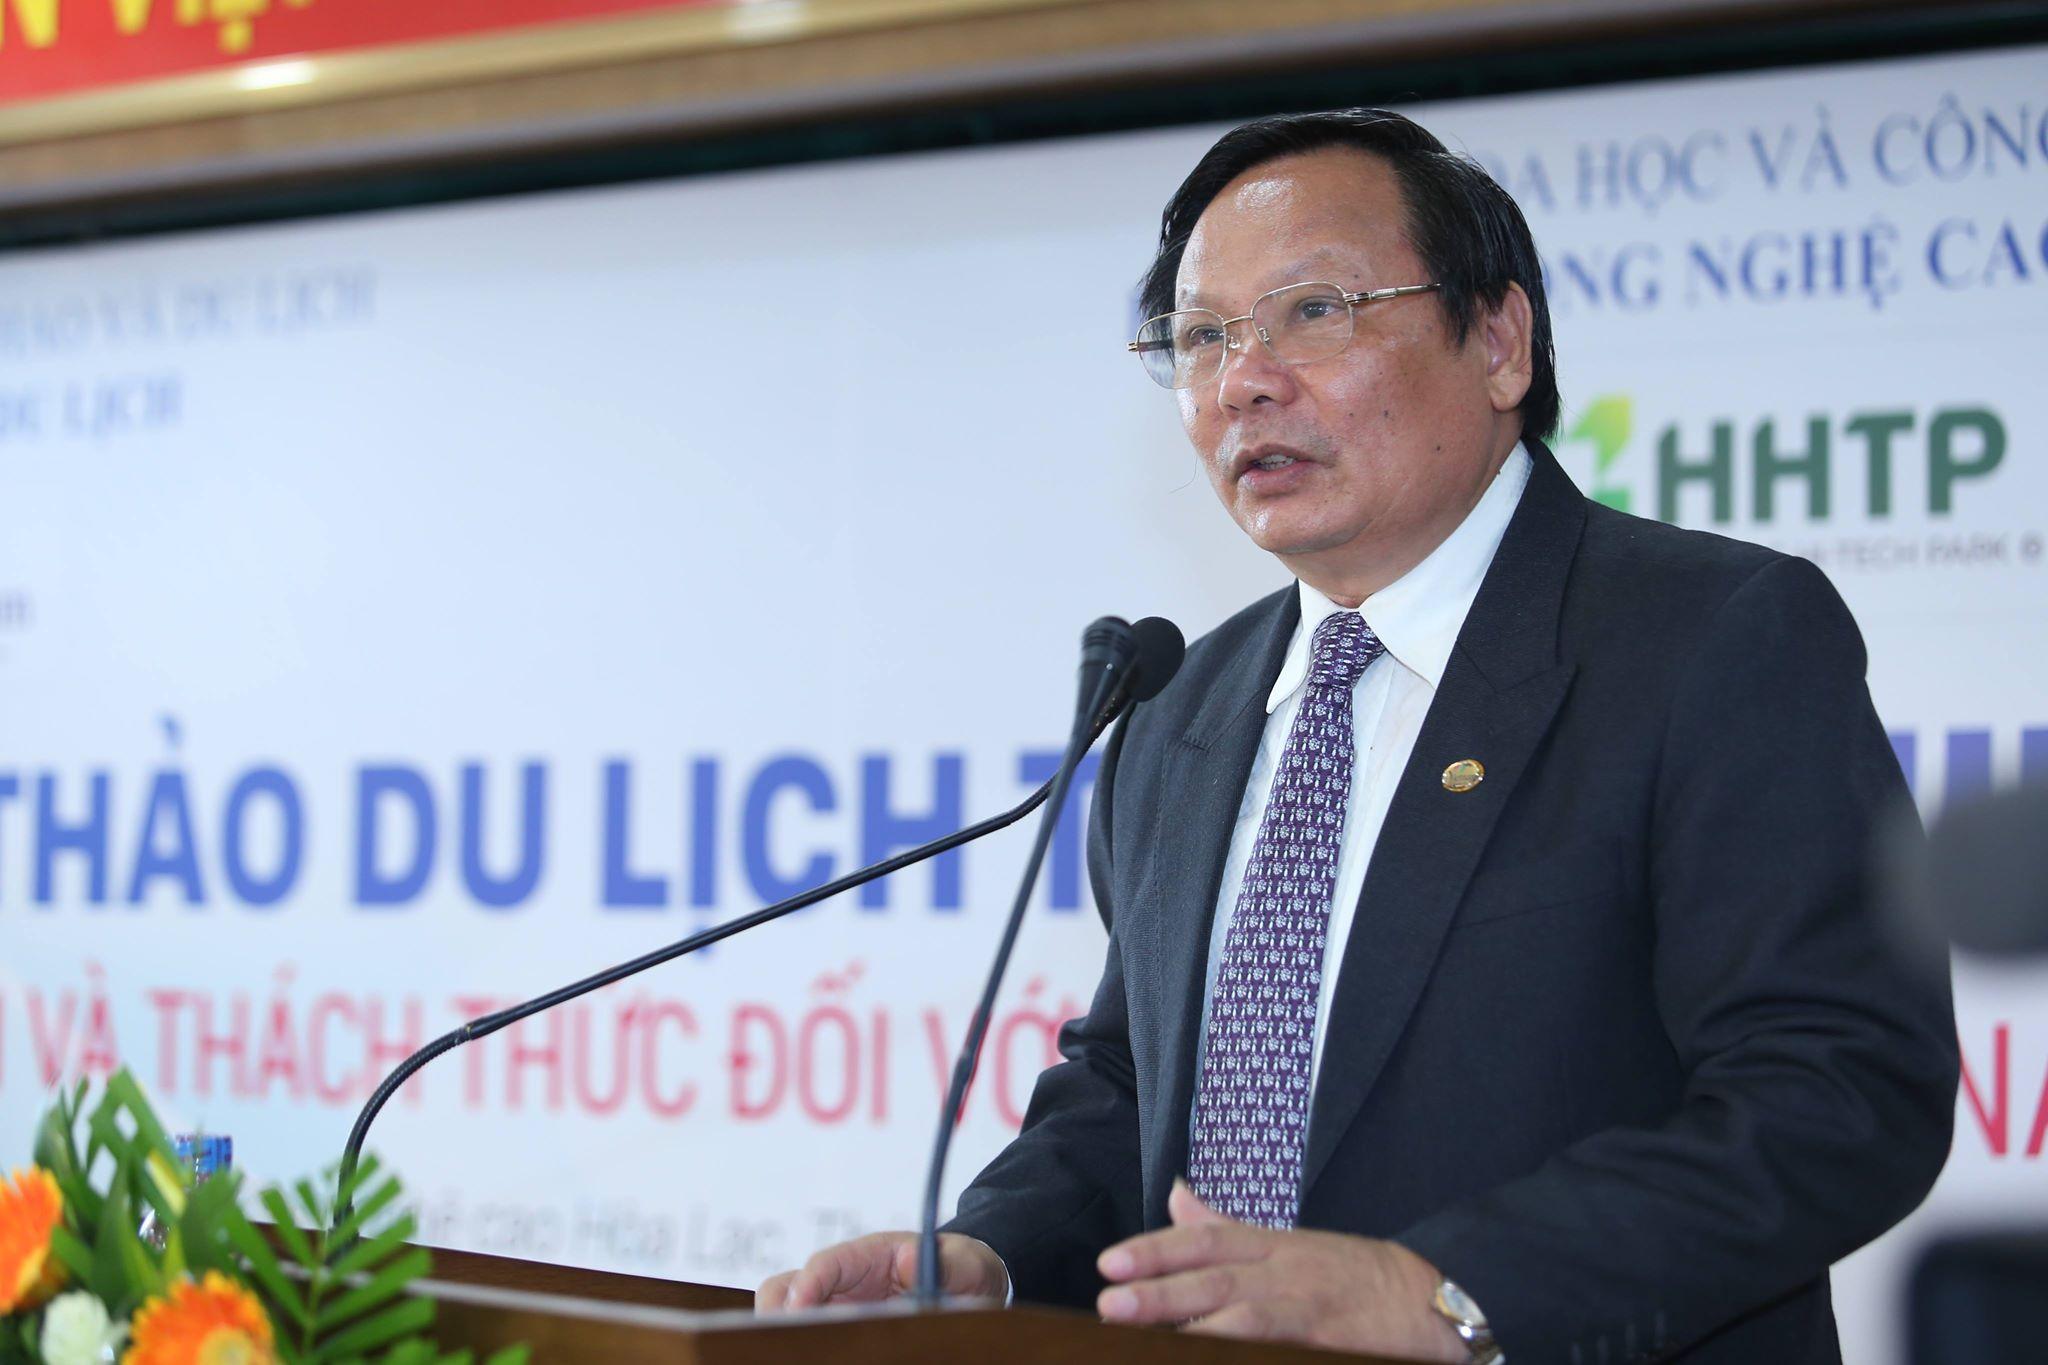 Tổng cục trưởng Tổng cục Du lịch Nguyễn Văn Tuấn phát biểu tại hội thảo, nhấn mạnh coi ứng dụng CNTT là giải pháp đột phá để nâng cao năng lực cạnh tranh của du lịch Việt Nam. Ảnh: Loan Lê